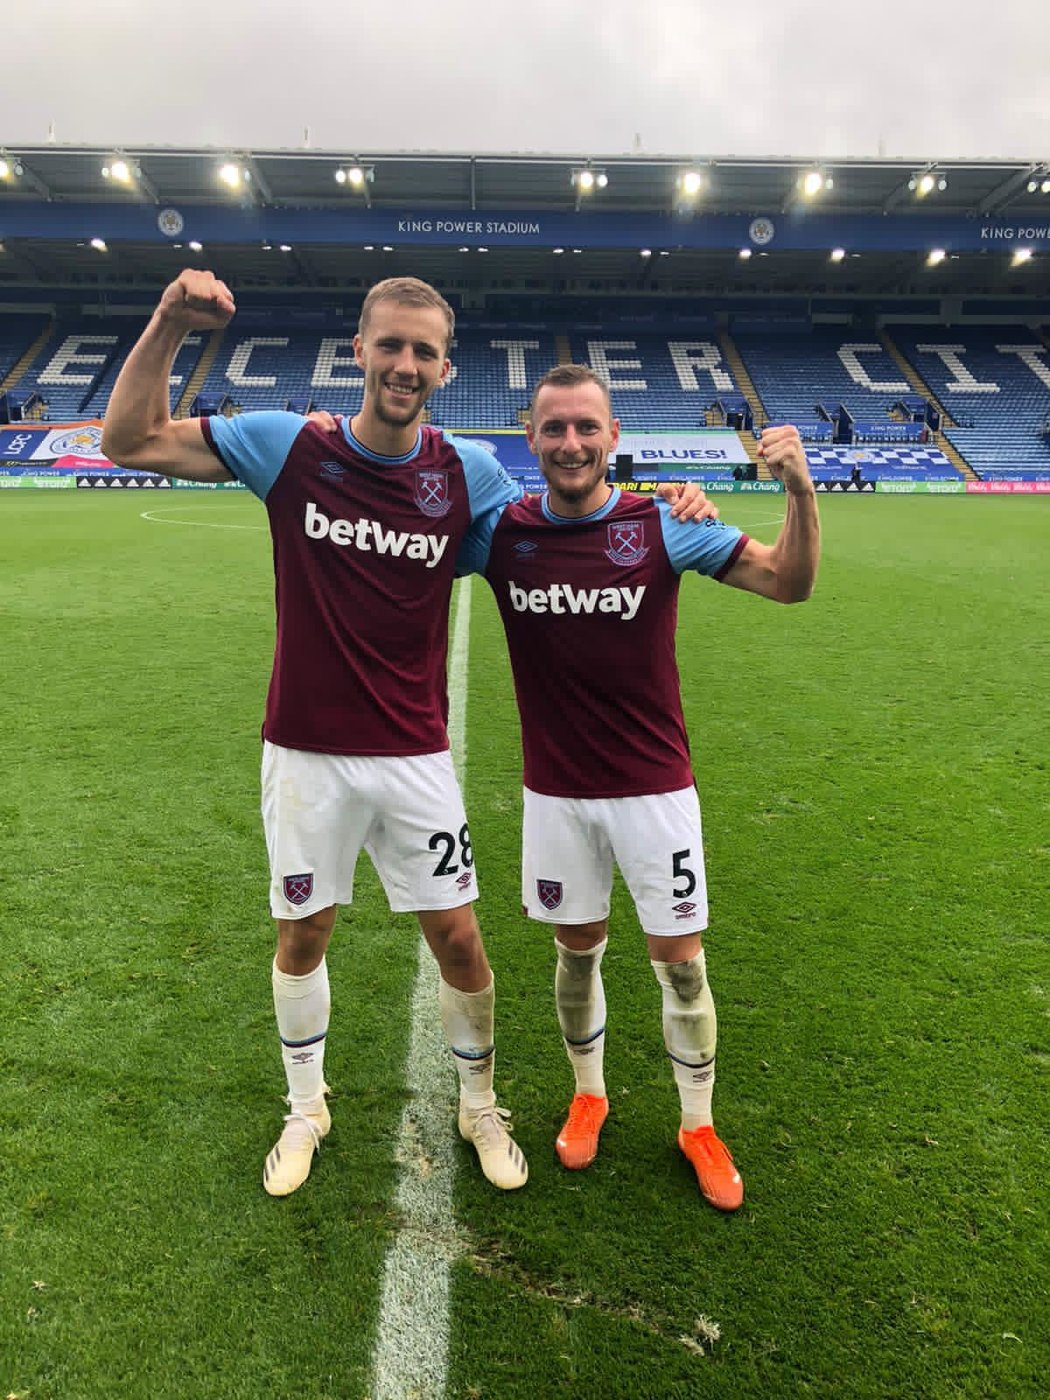 Čeští fotbalisté Tomáš Souček (vlevo) a Vladimír Coufal při svém prvním společném zápase v dresu West Ham United